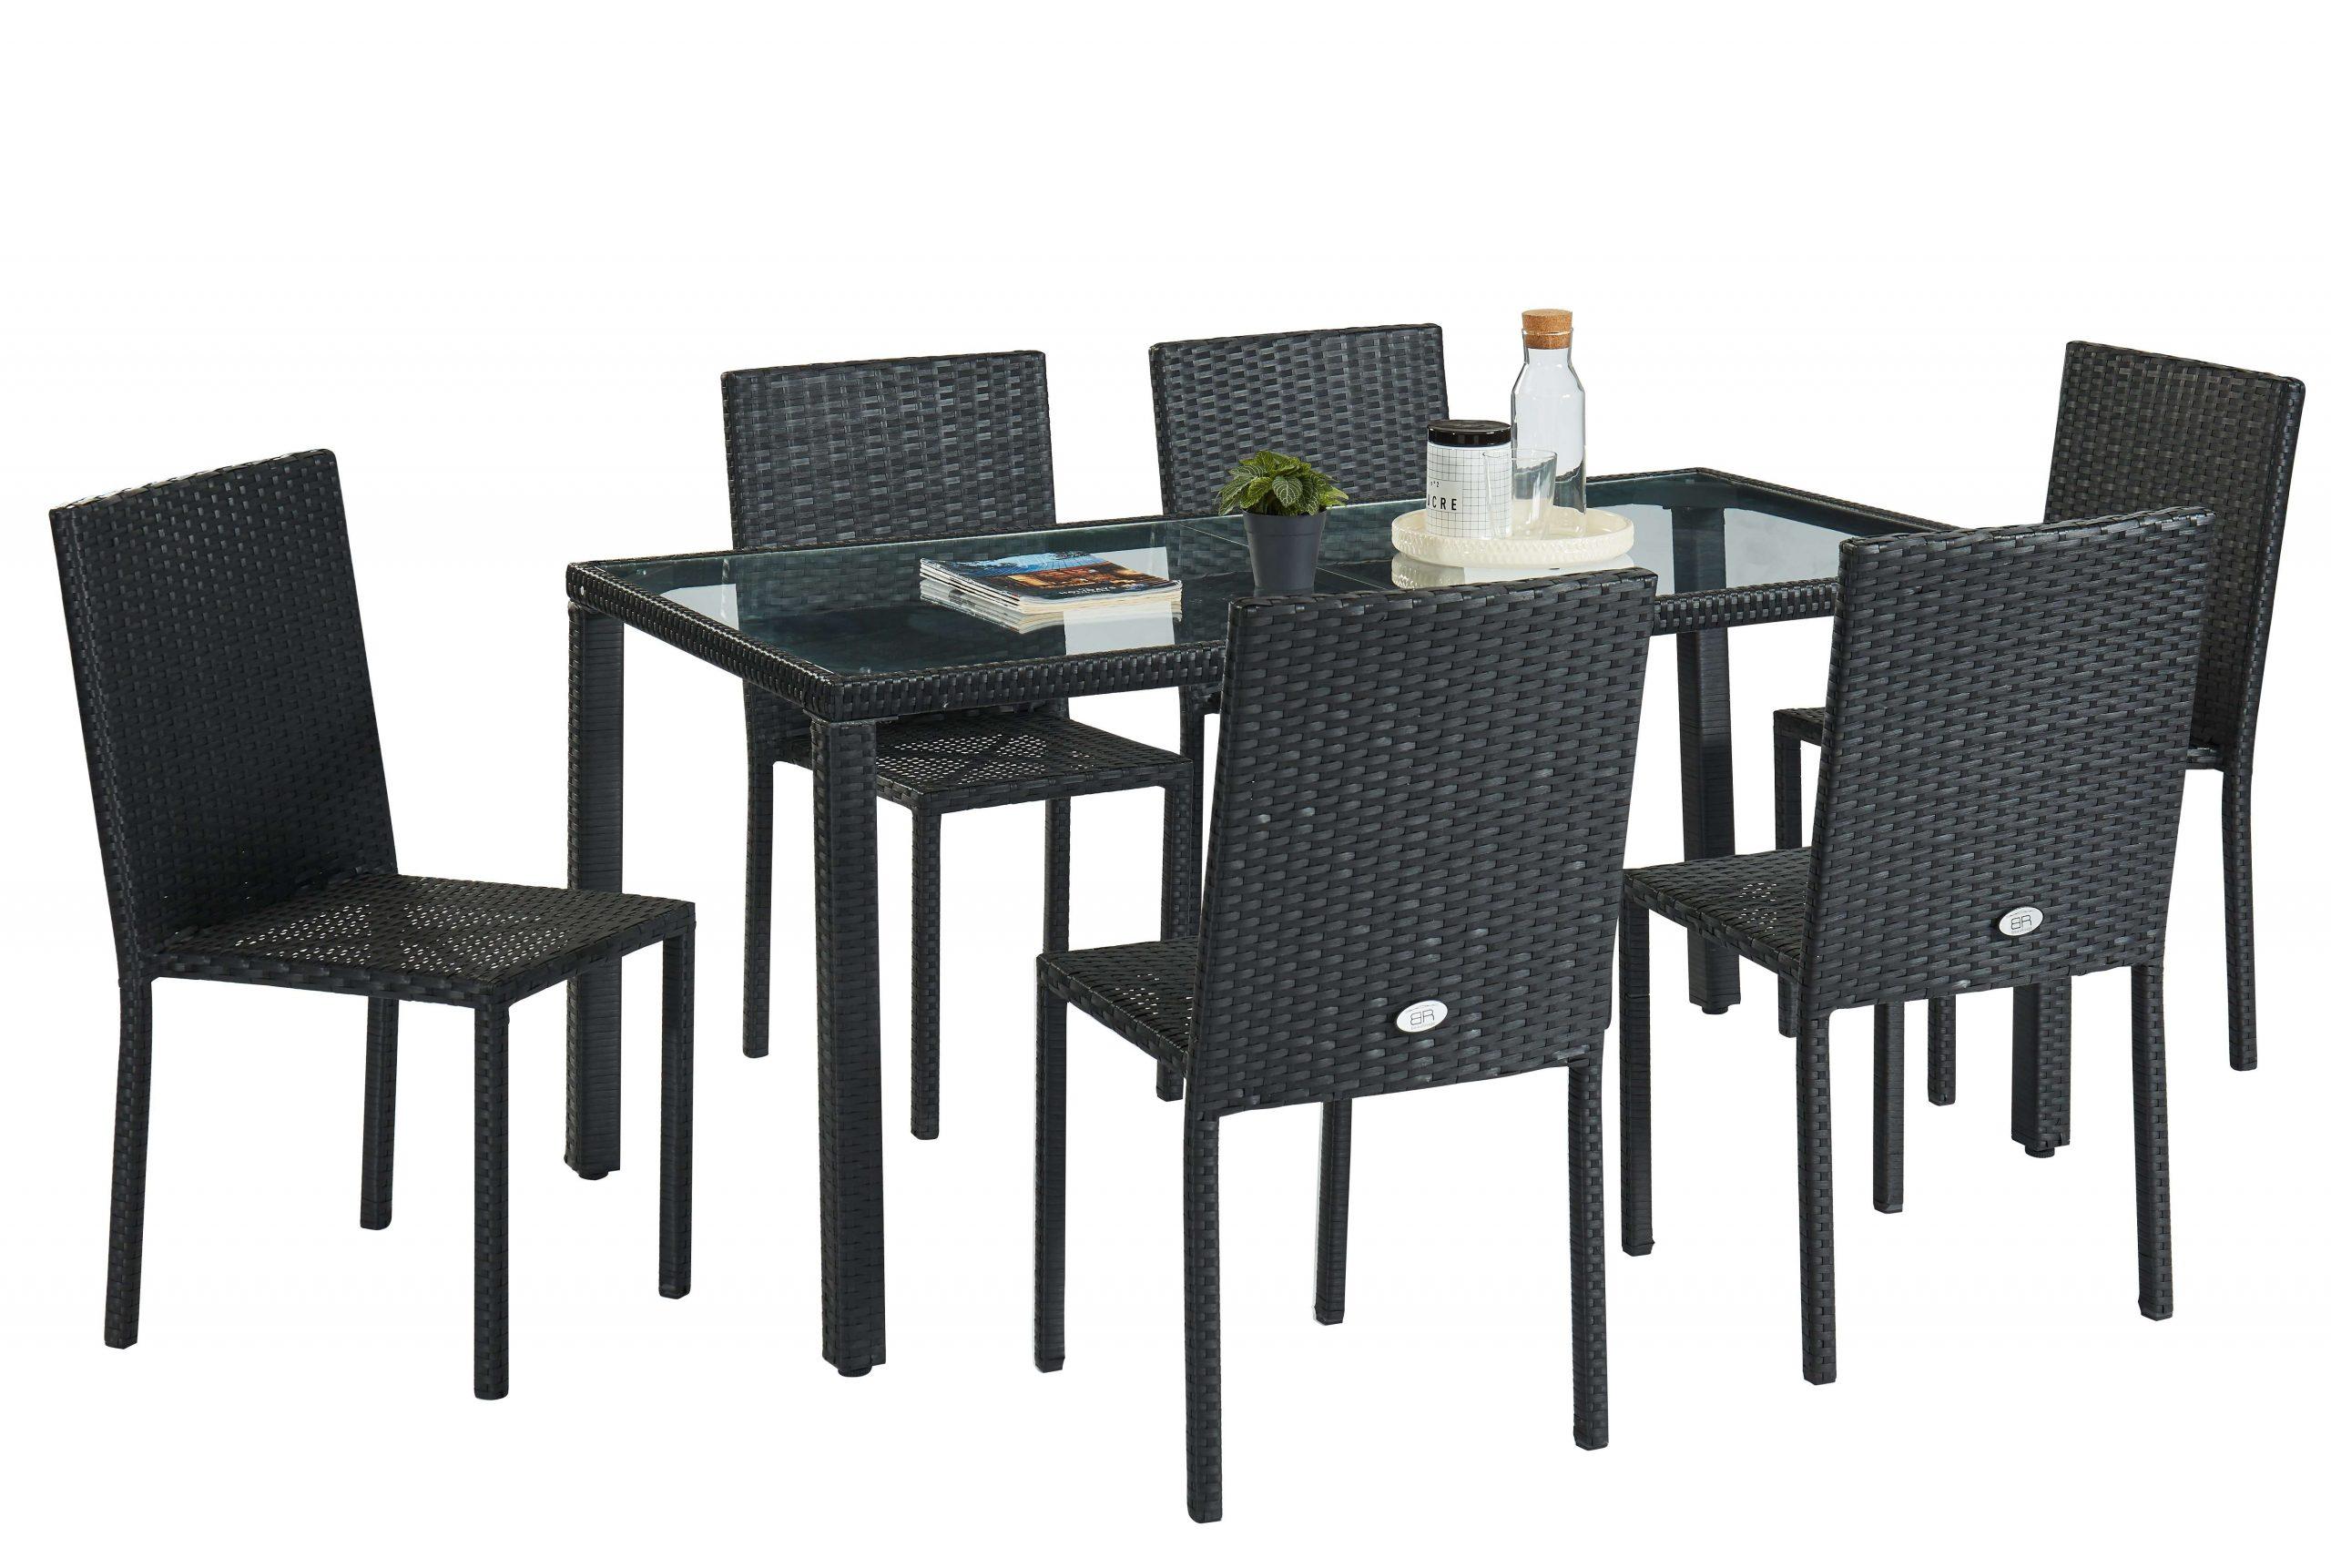 Ensemble Repas Pour Jardin En Résine Tressée Noire Pour 6 Personnes : 1  Table, 6 Chaises. à Table Jardin 6 Personnes